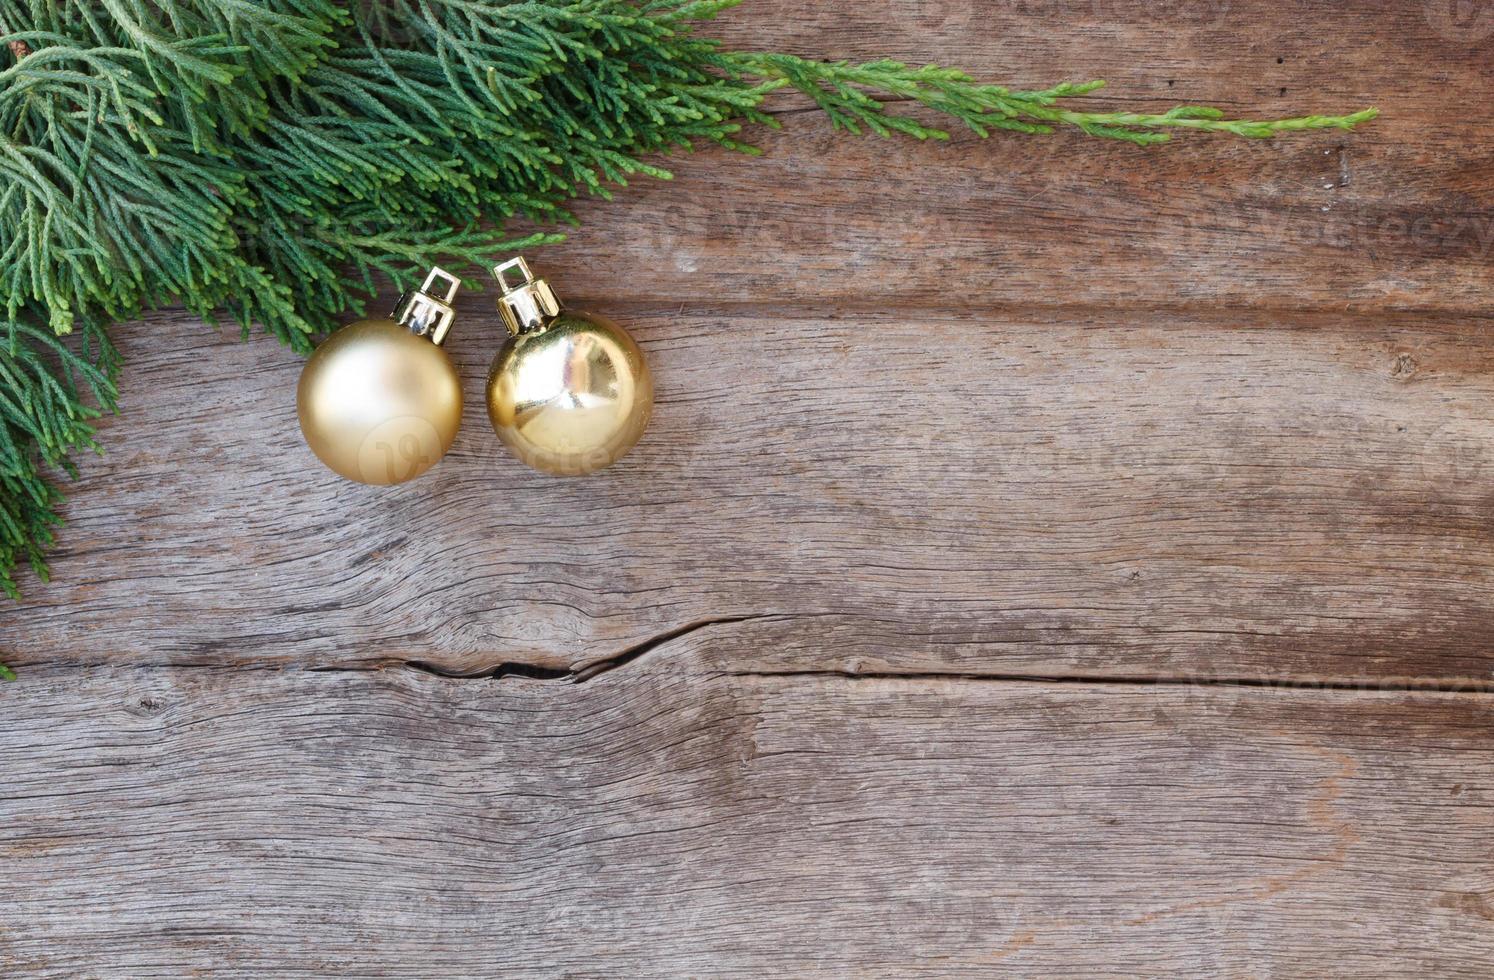 Weihnachtshintergrund mit Dekorationsgeschenk foto